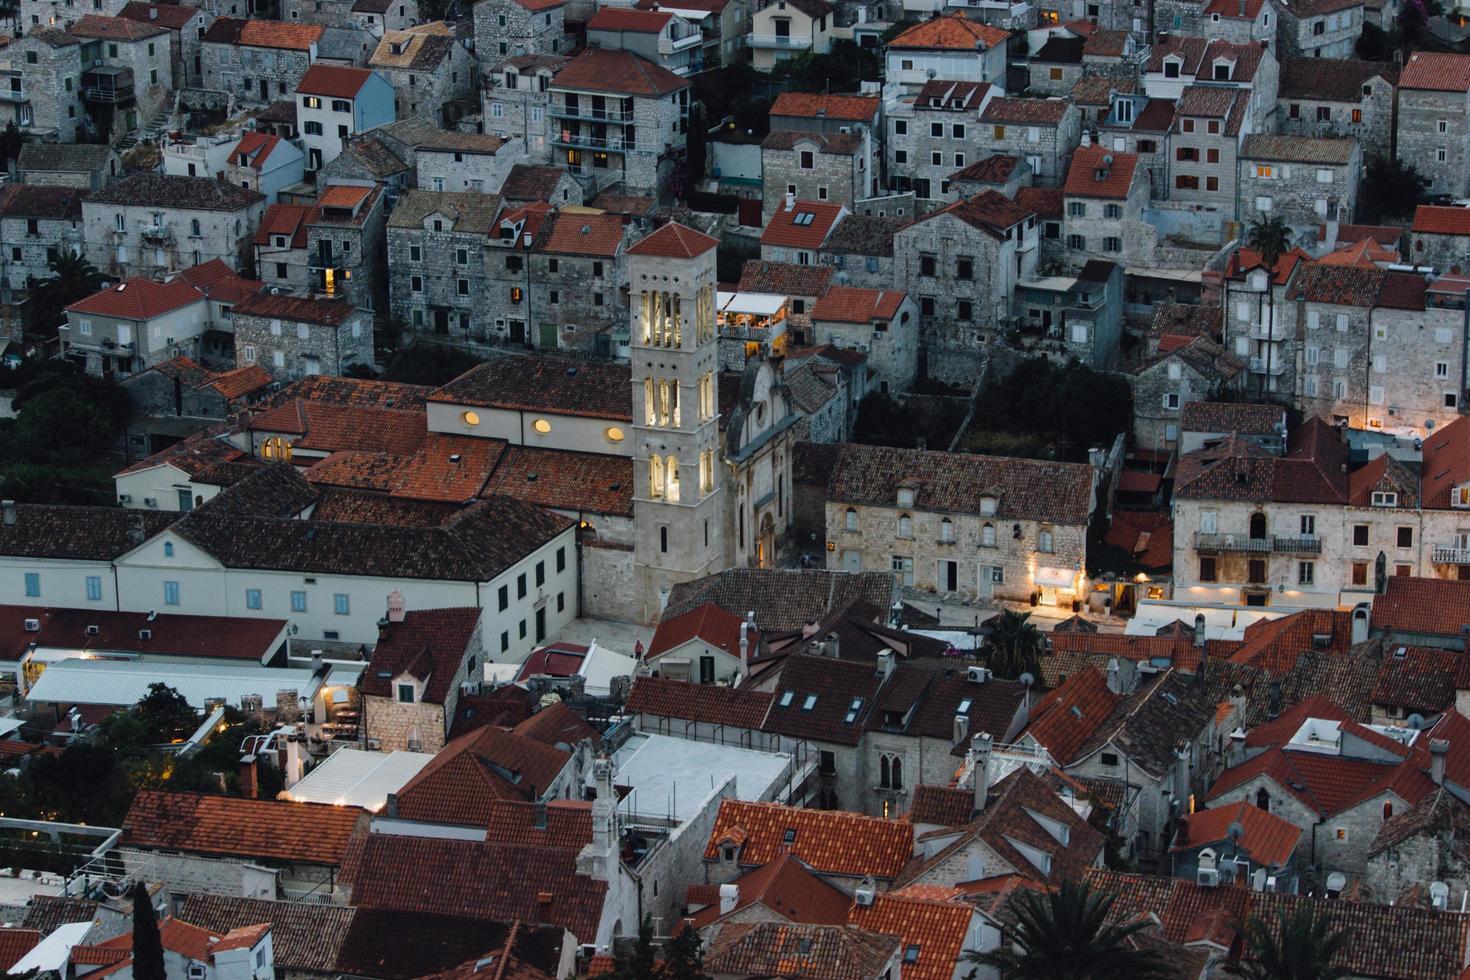 braune und weiße Betonhäuser foto